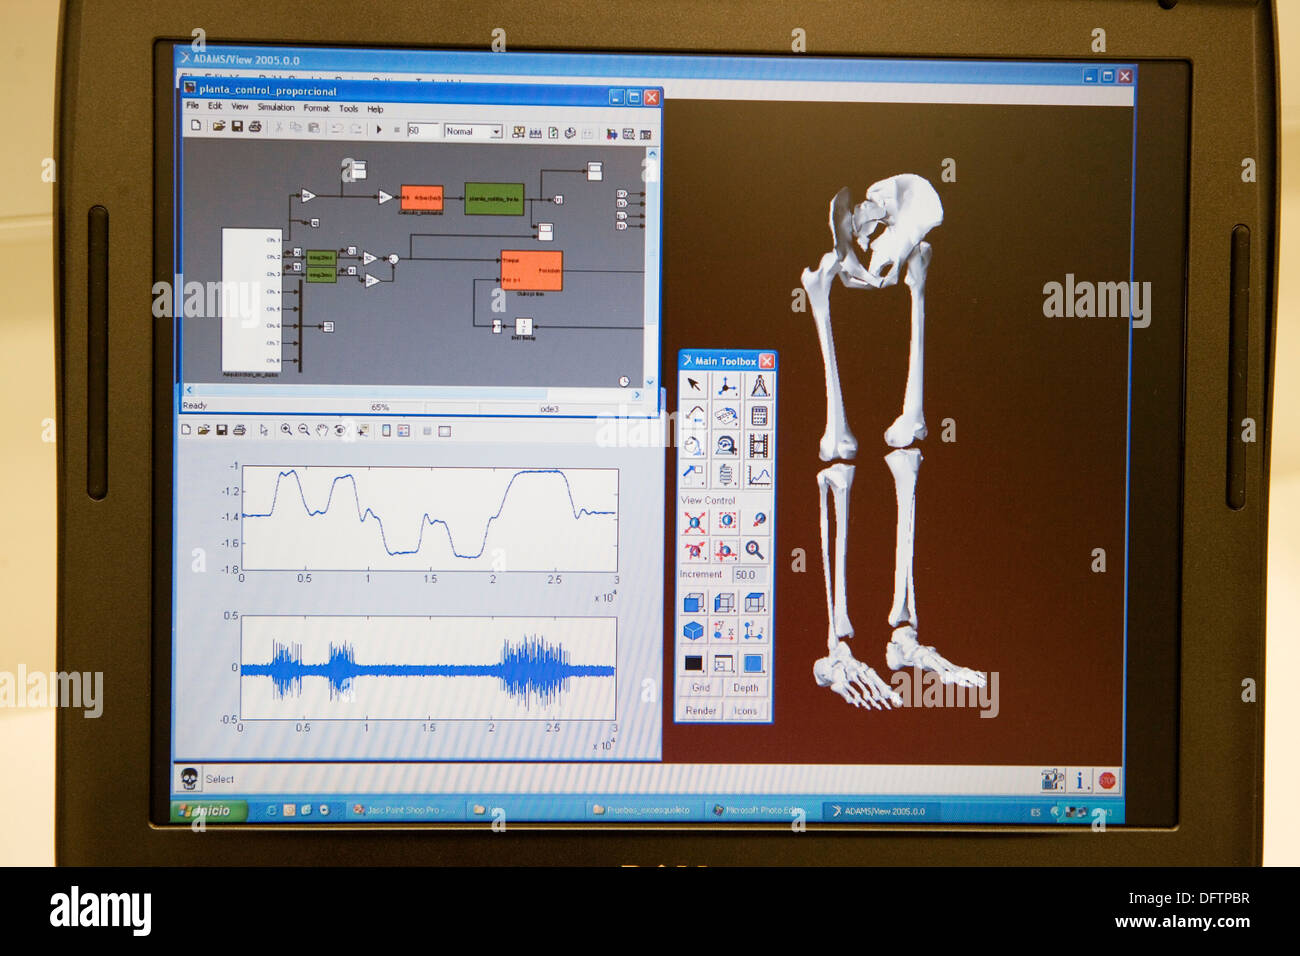 Biomechanik: Forscher Entwickeln Exoskelett Für Menschen Mit Muskelschwäche  In Den Unteren Extremitäten Stockbild